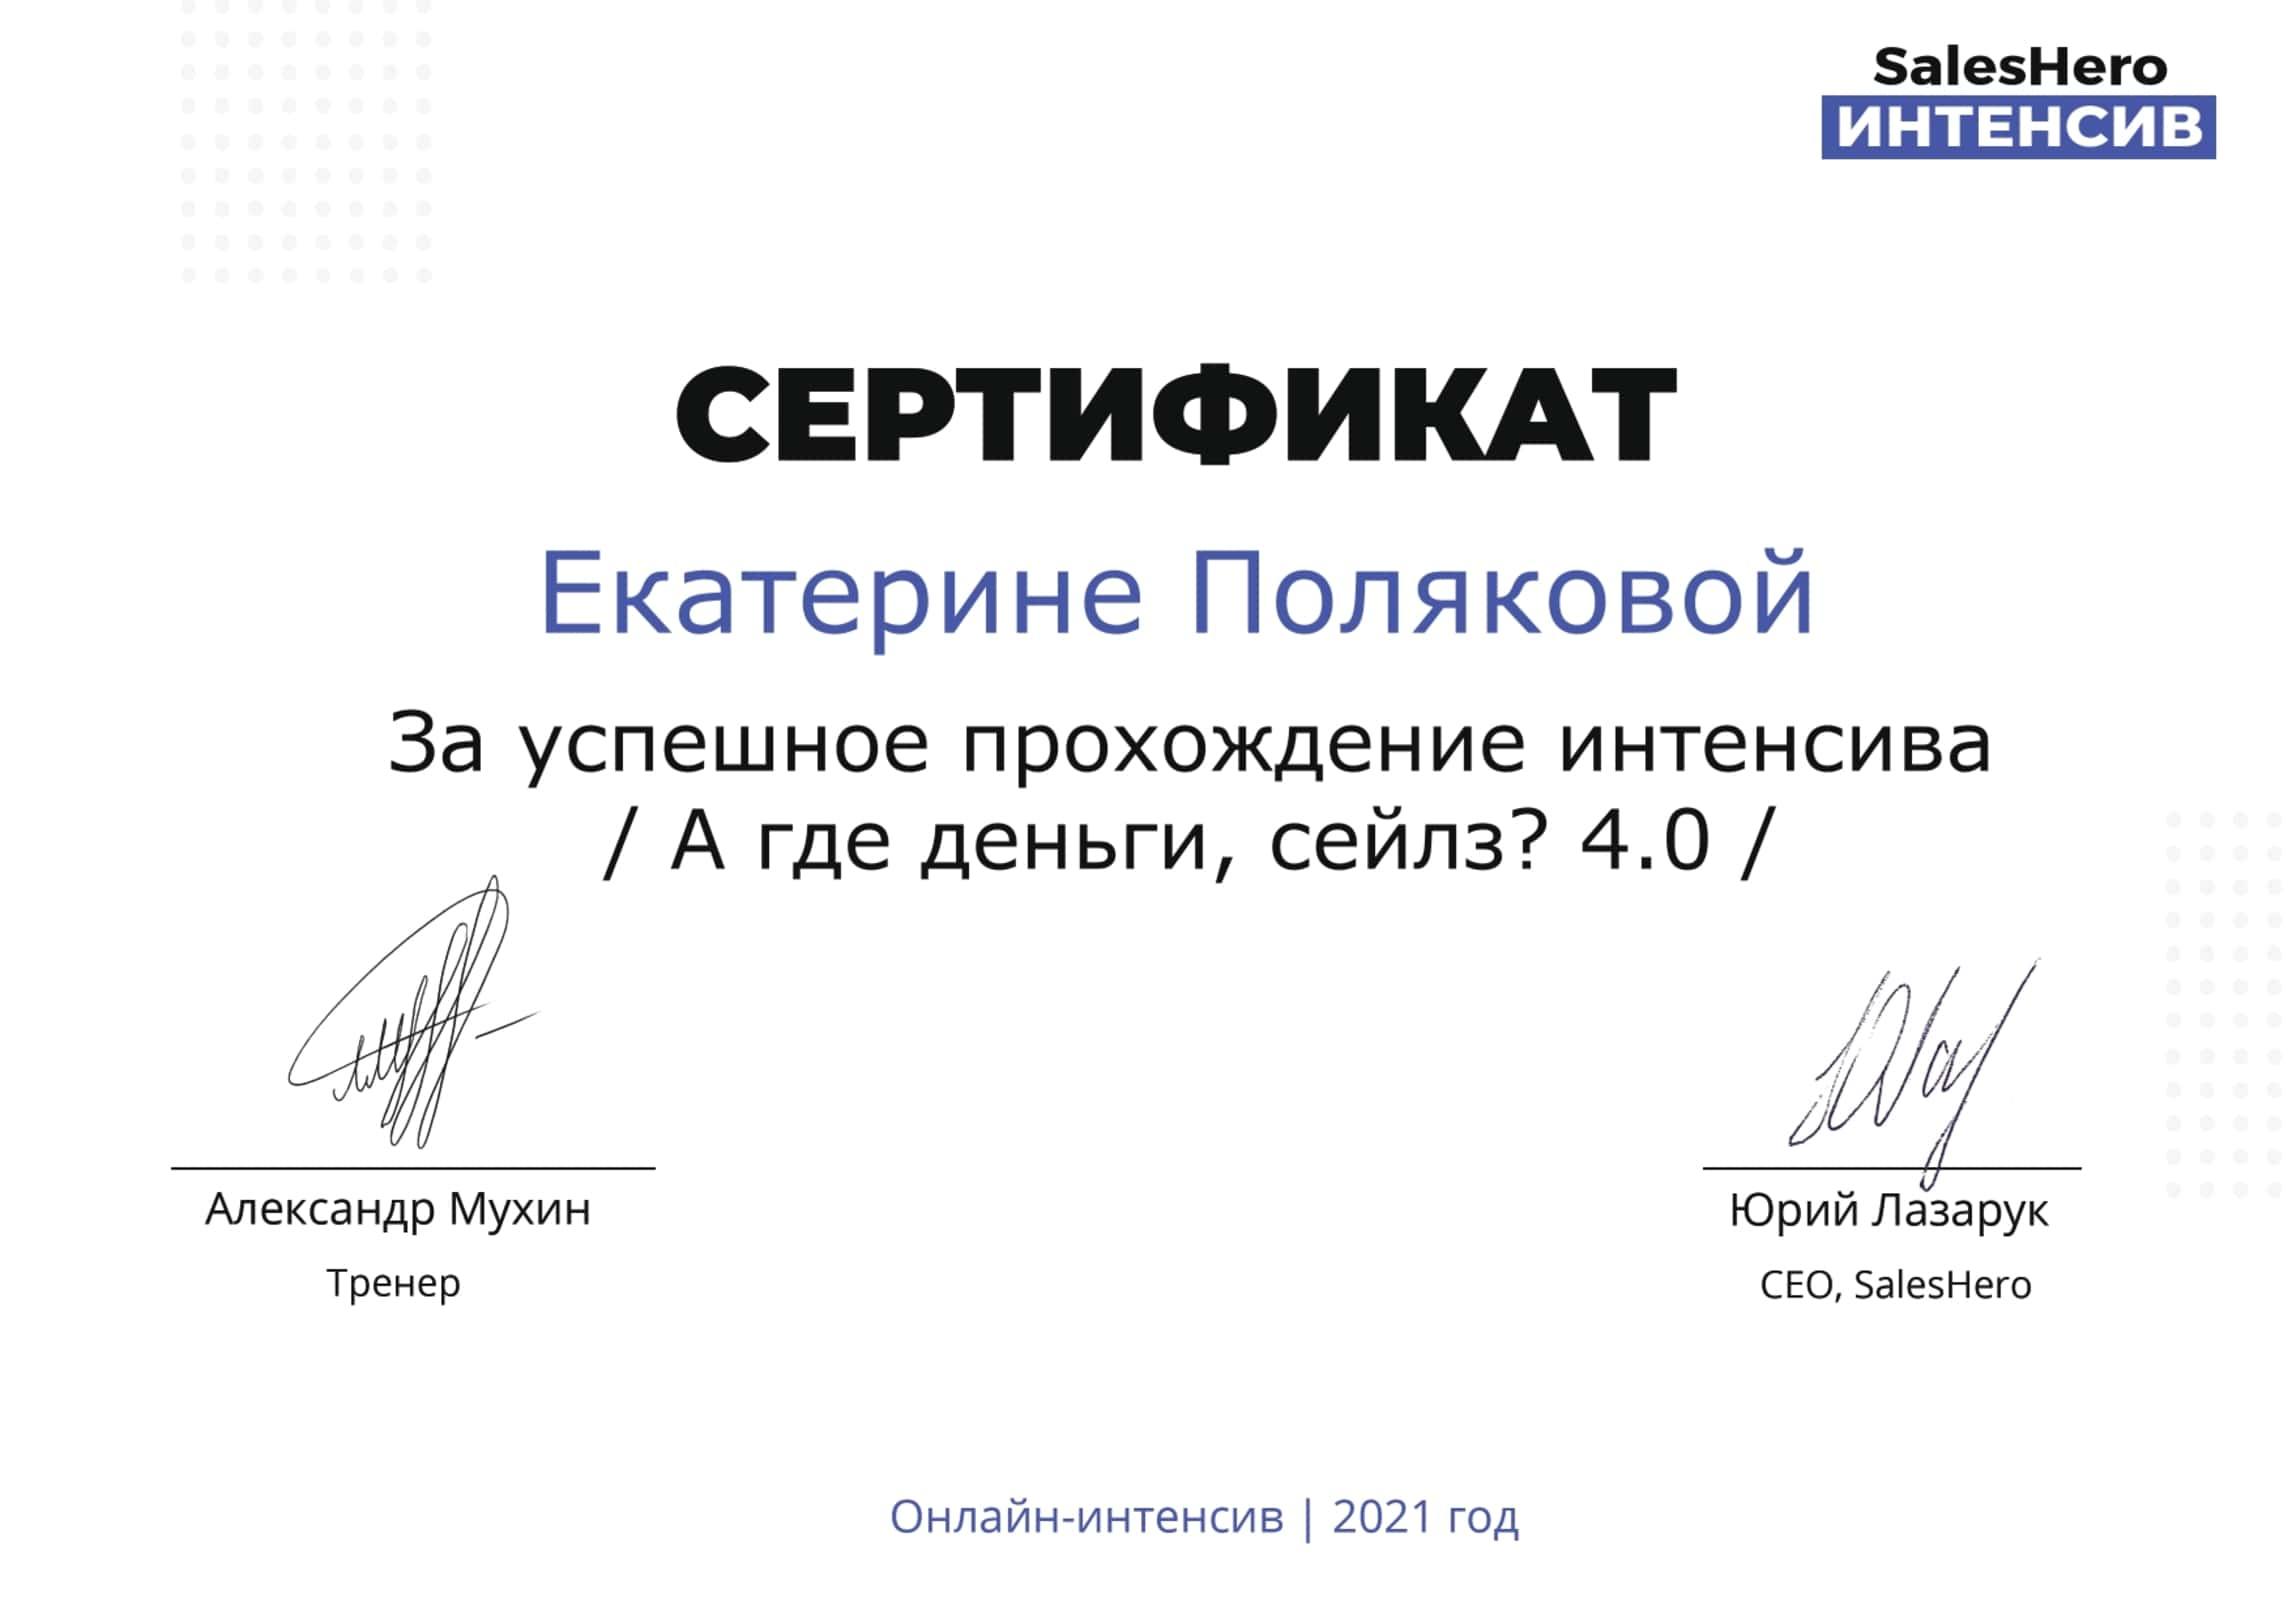 Екатерина Полякова - сертификат